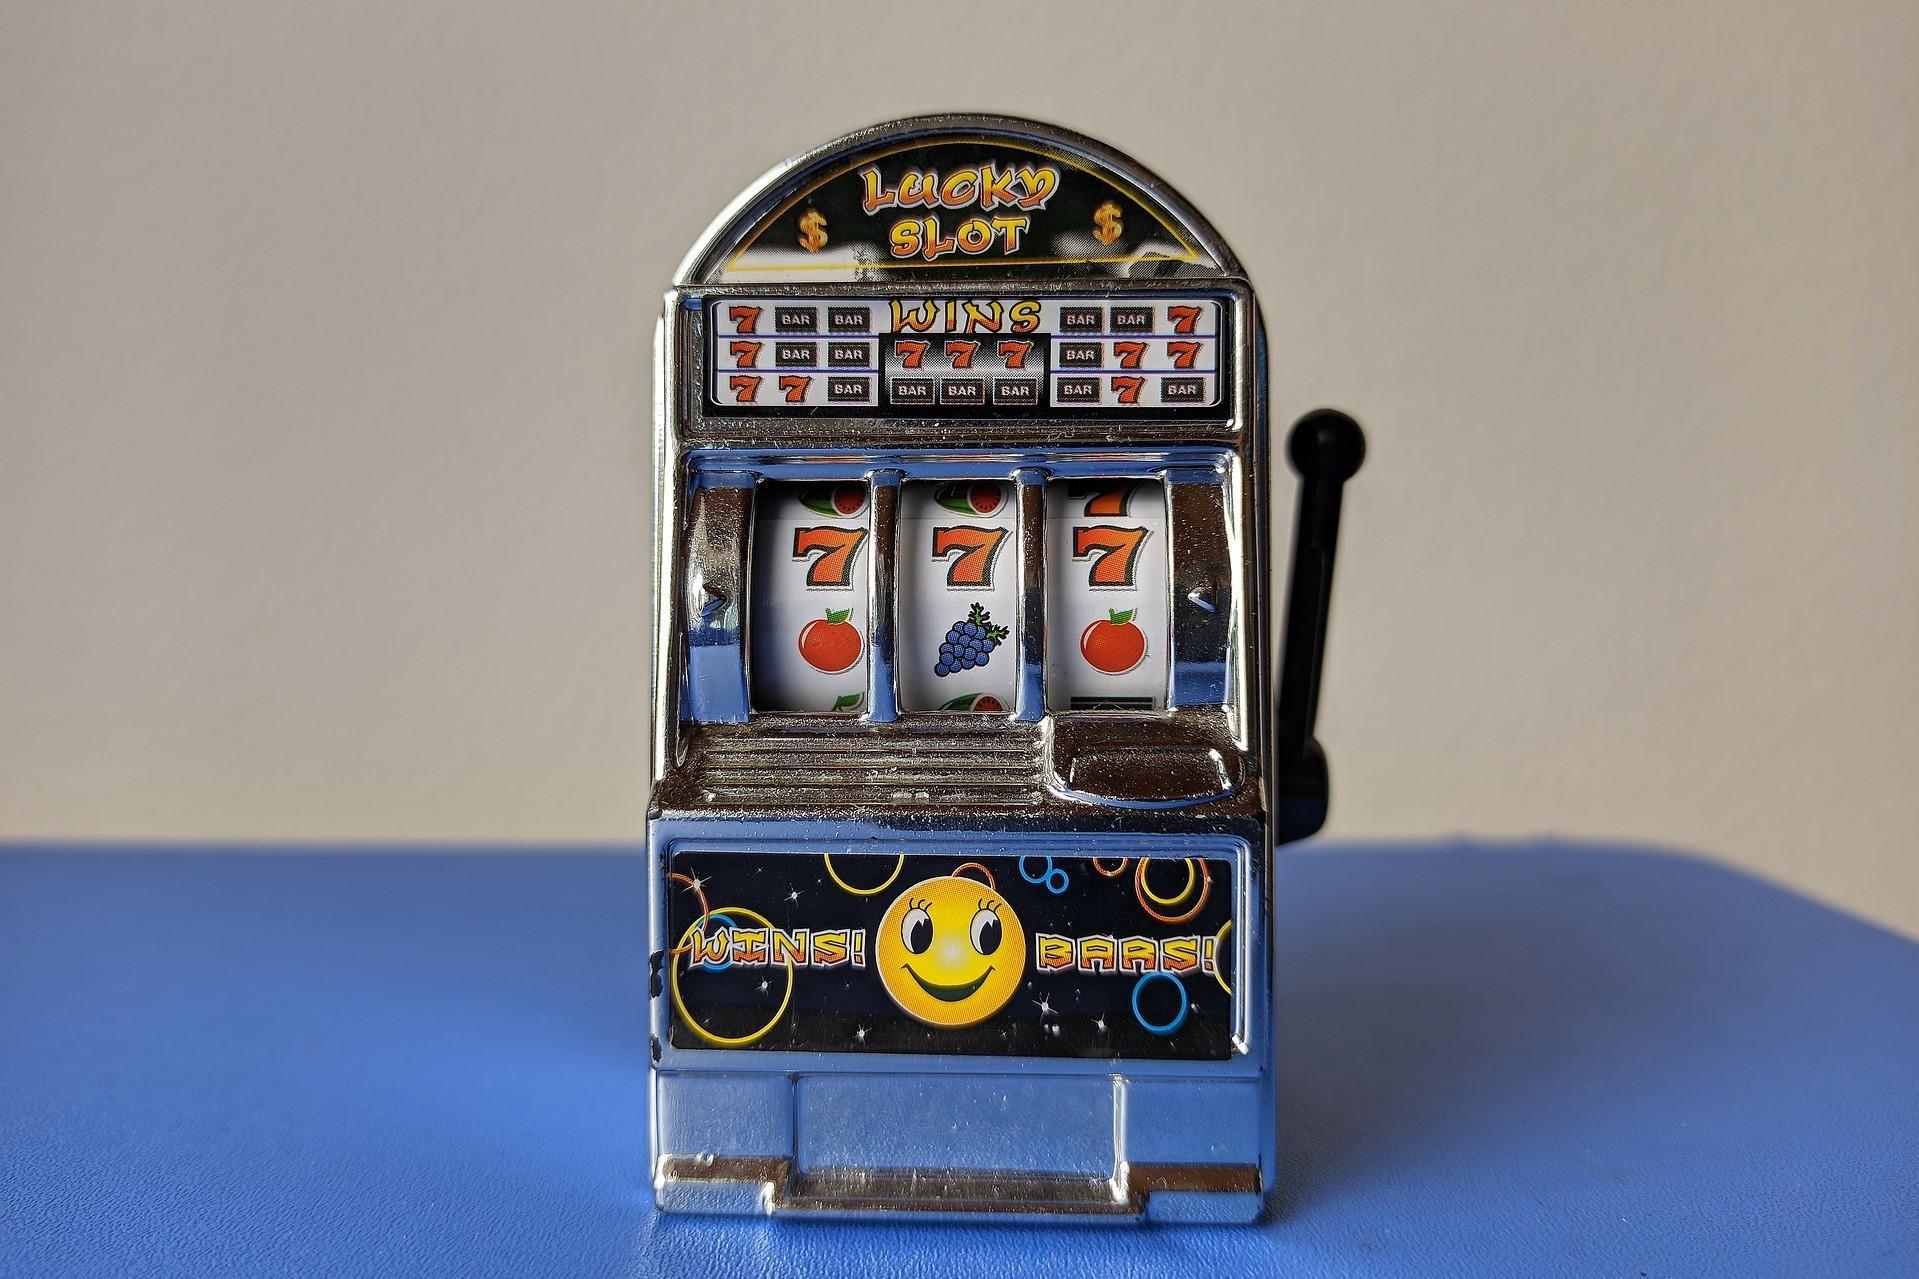 Spielautomat, Quelle: Bild von Carlos Gonzalez auf Pixabay